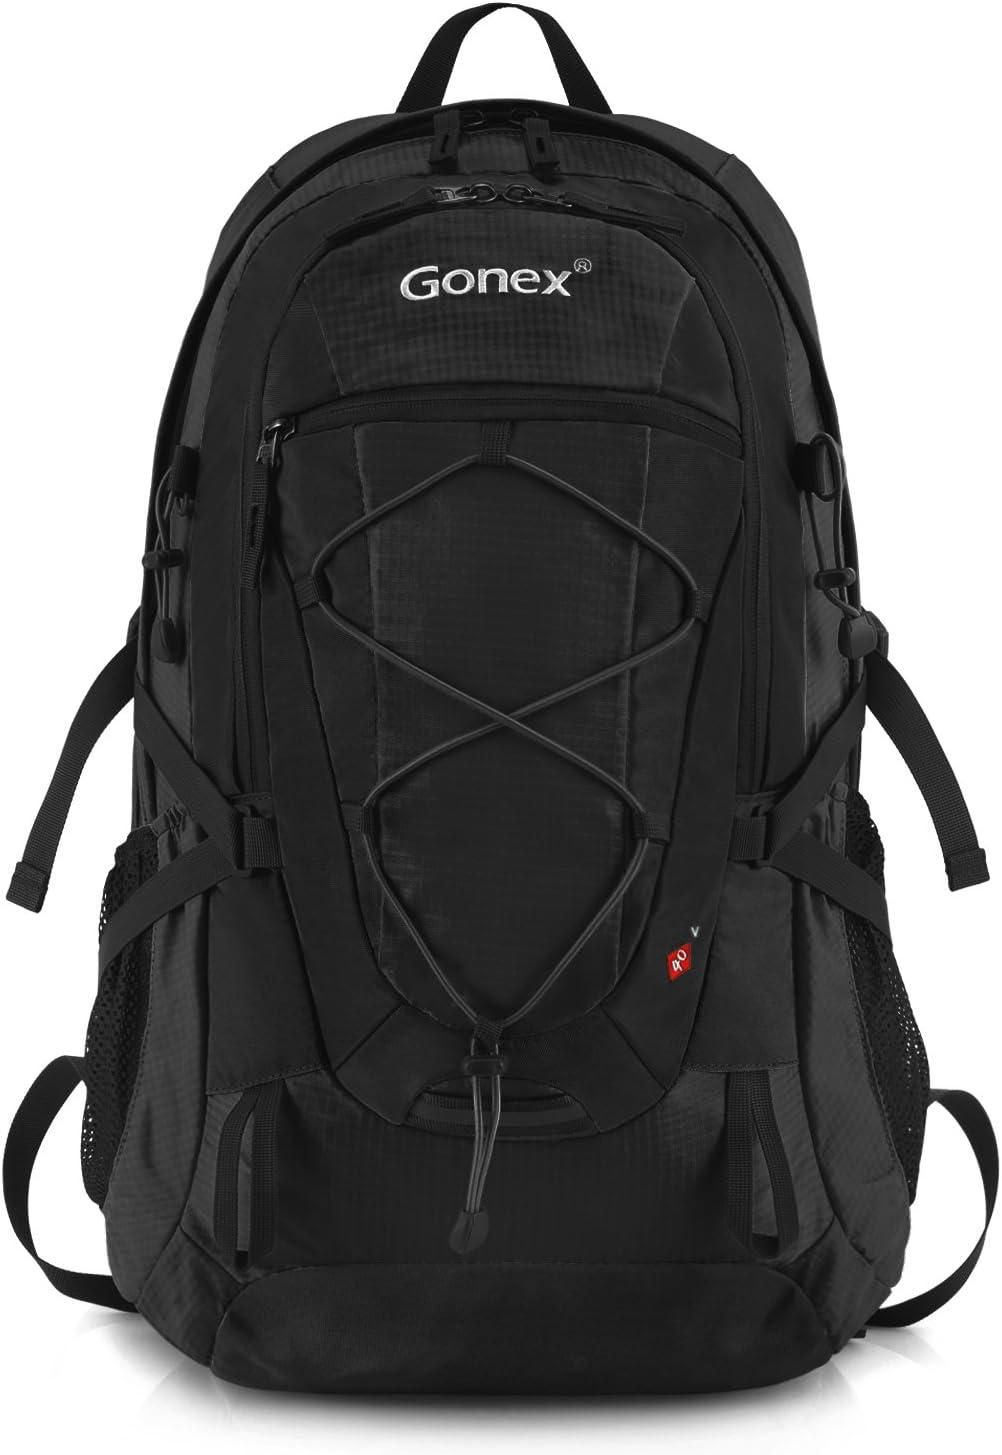 unisexe Gonex Sac /à dos de randonn/ée 40/L avec housse de pluie /étanche et compartiment pour ordinateur portable